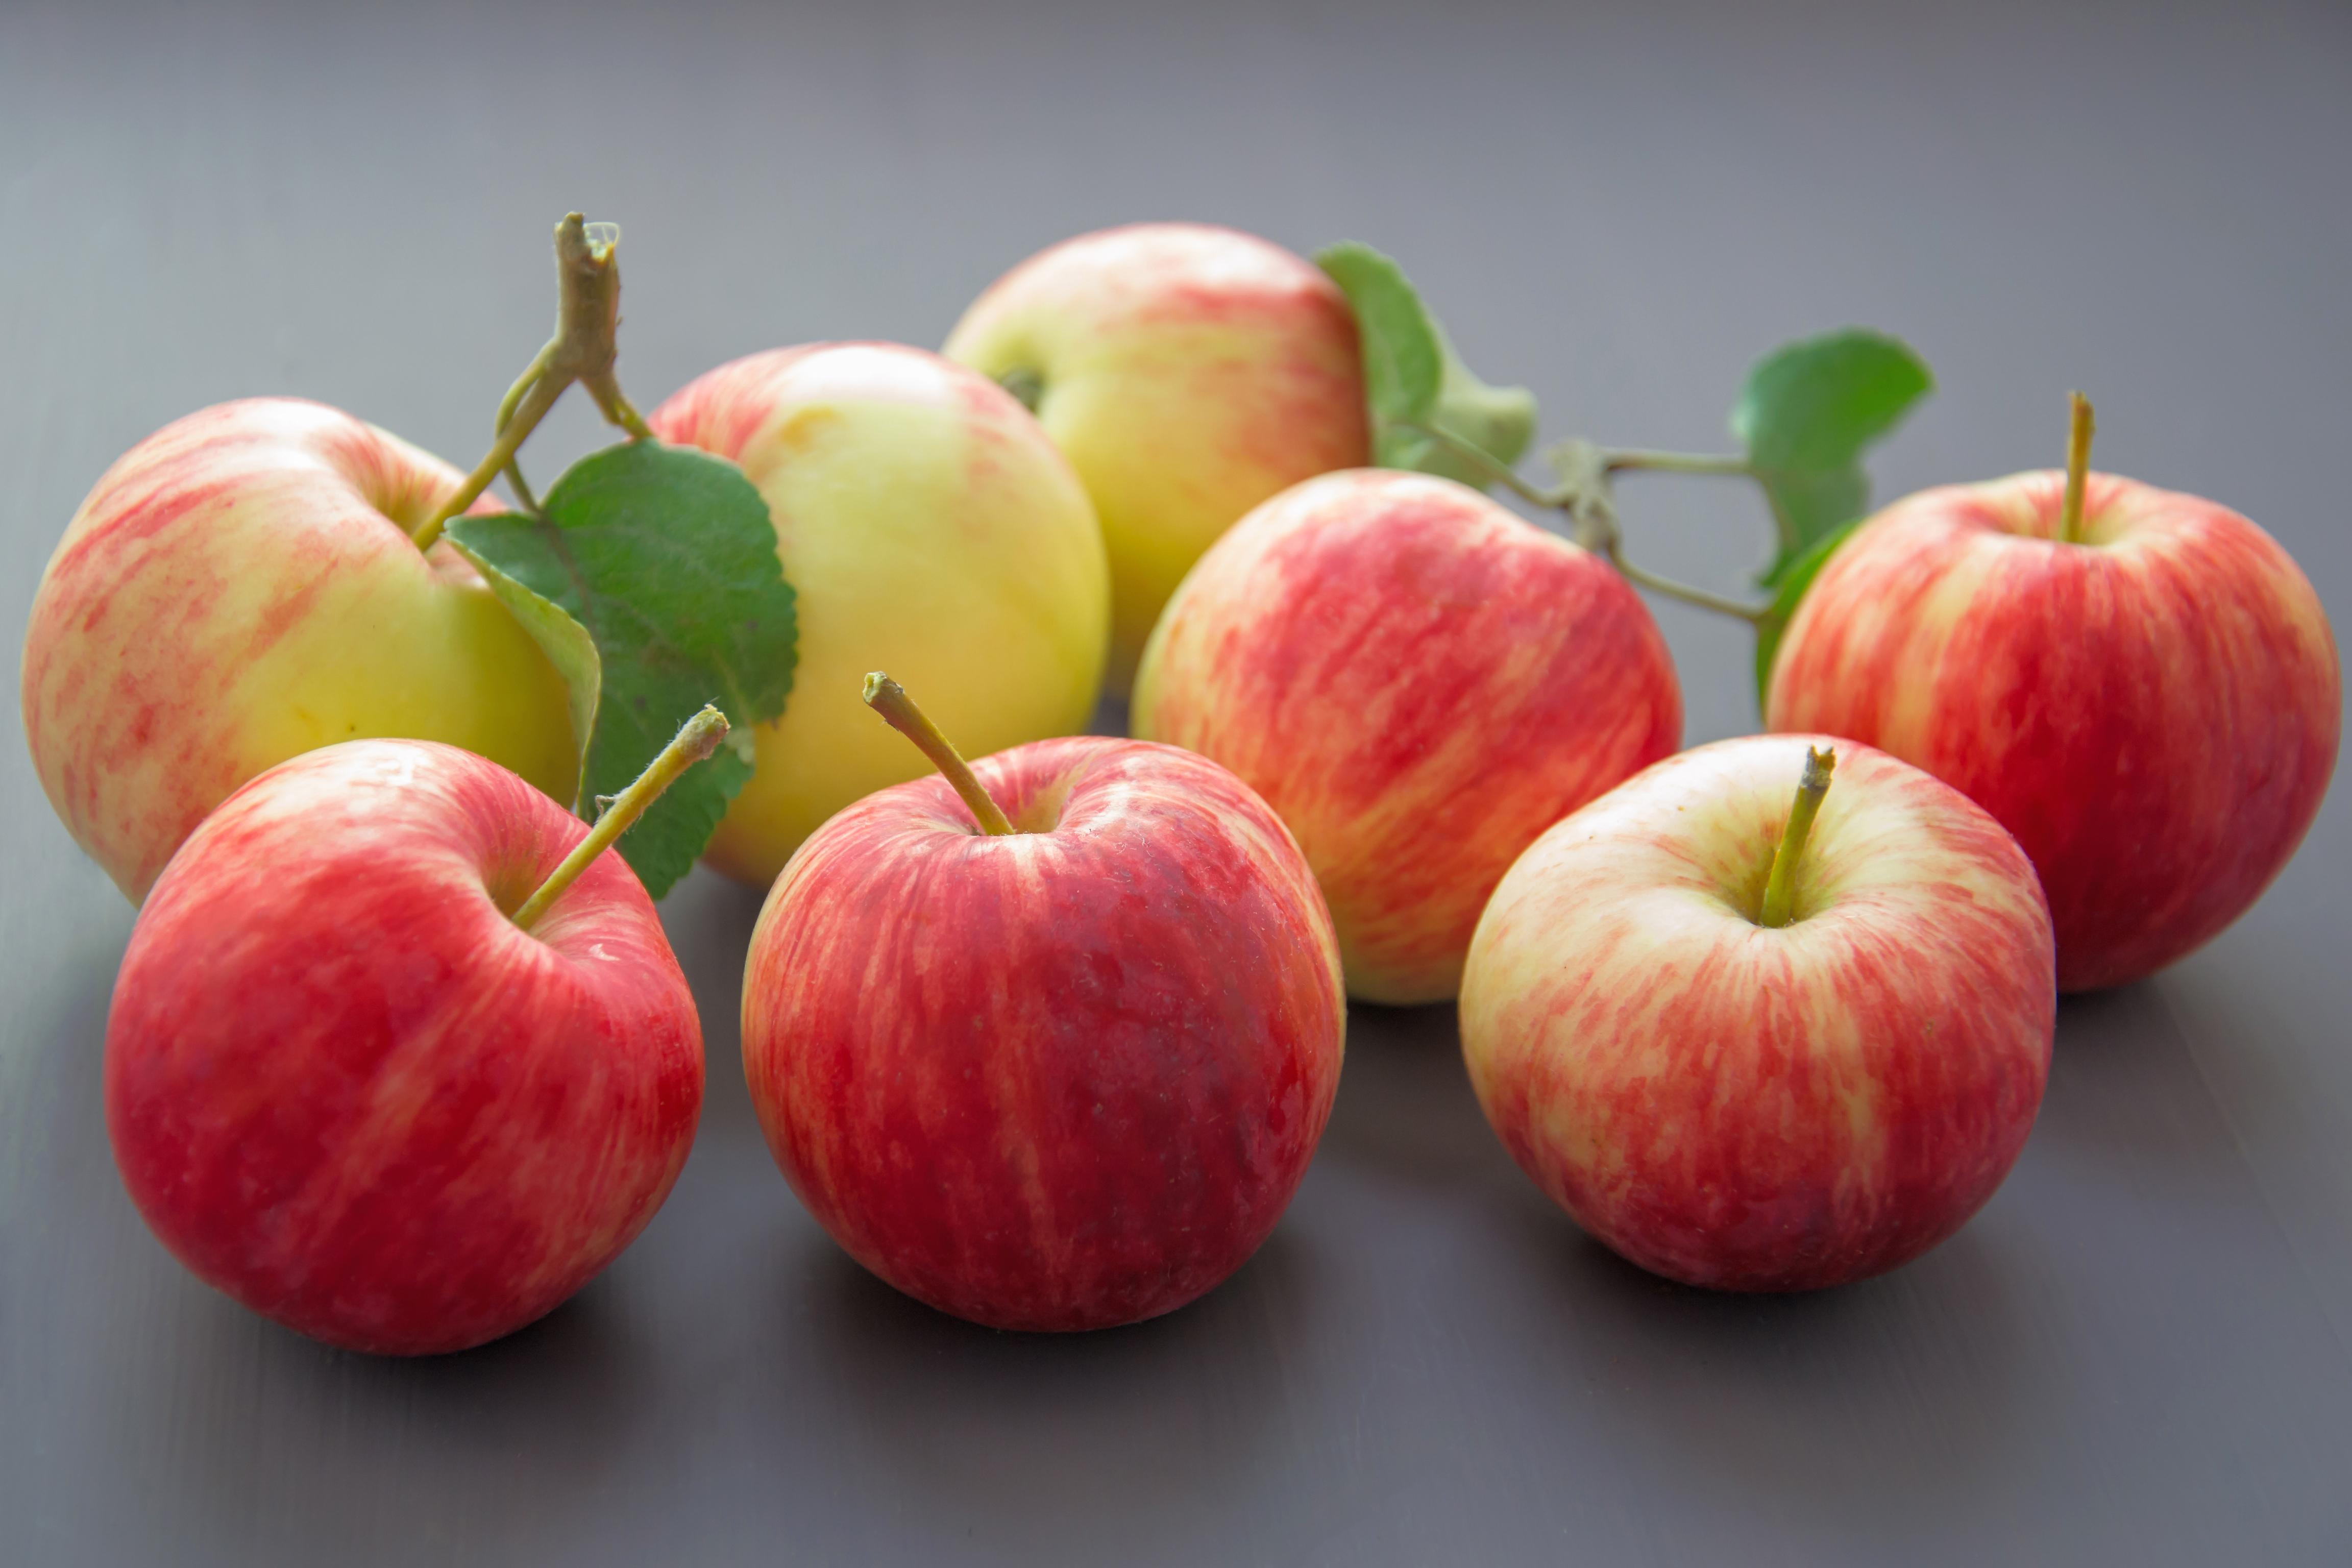 Exportações de maçãs brasileiras para a Rússia triplicam em 2020 com ajuda da Apex-Brasil